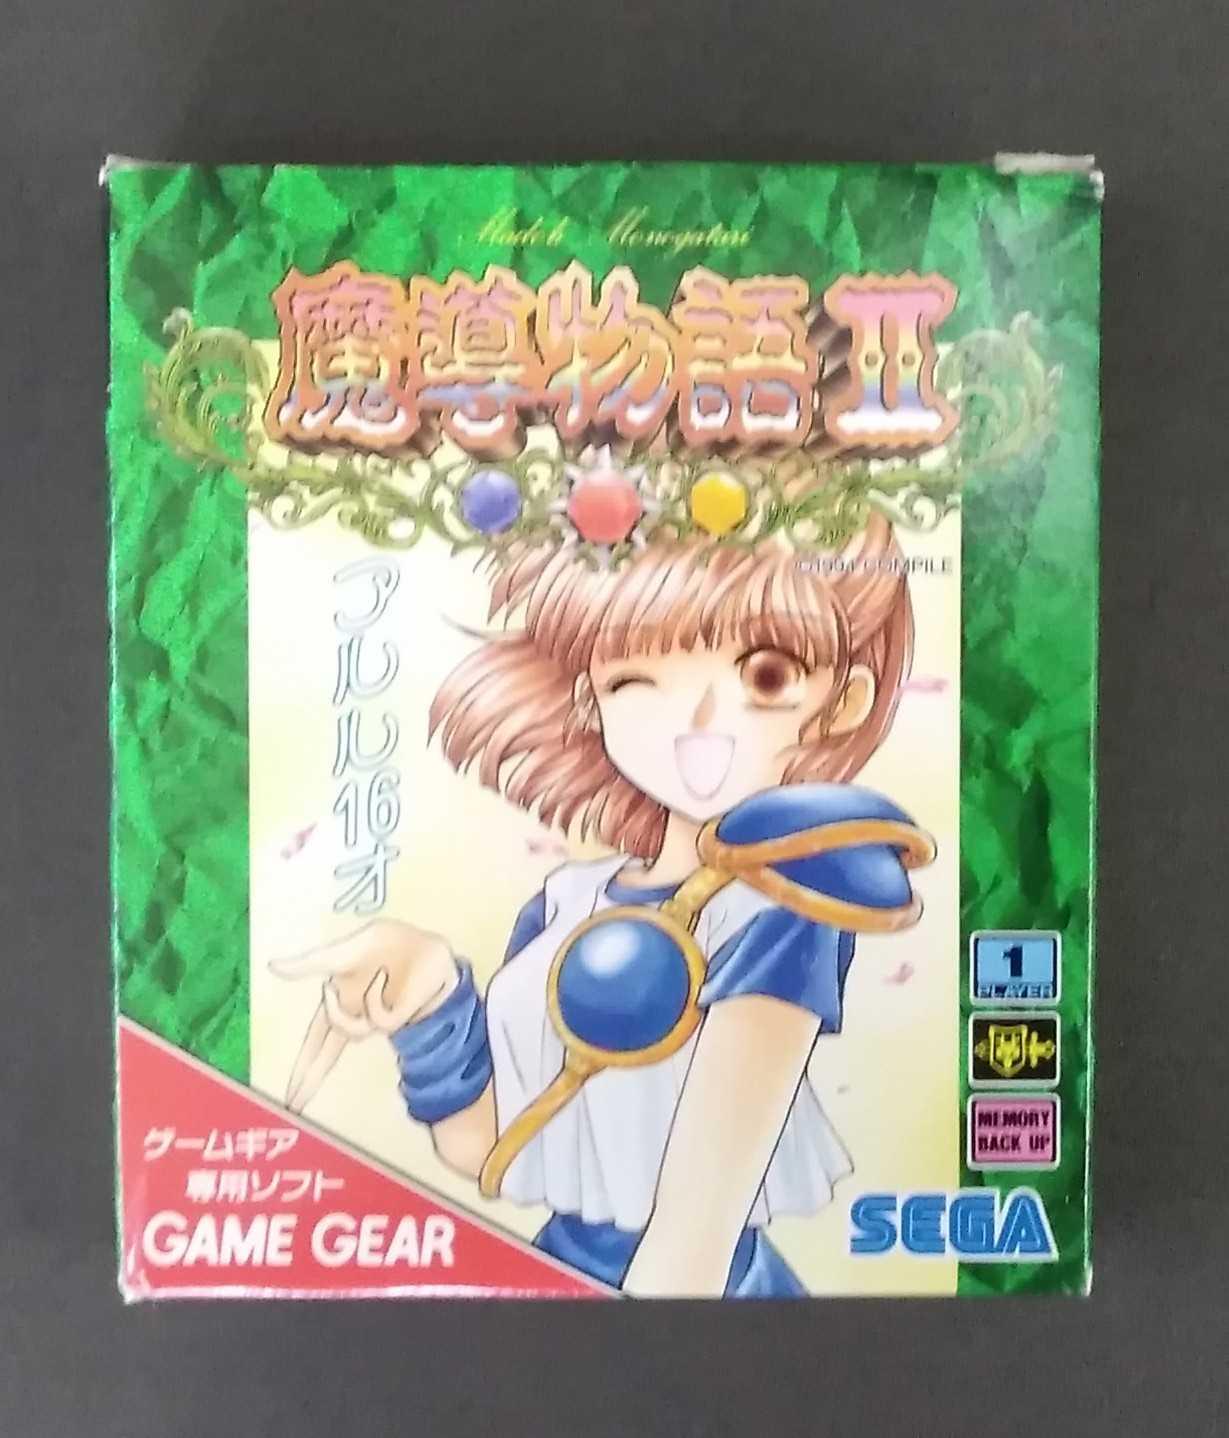 ゲームギアソフト|SEGA